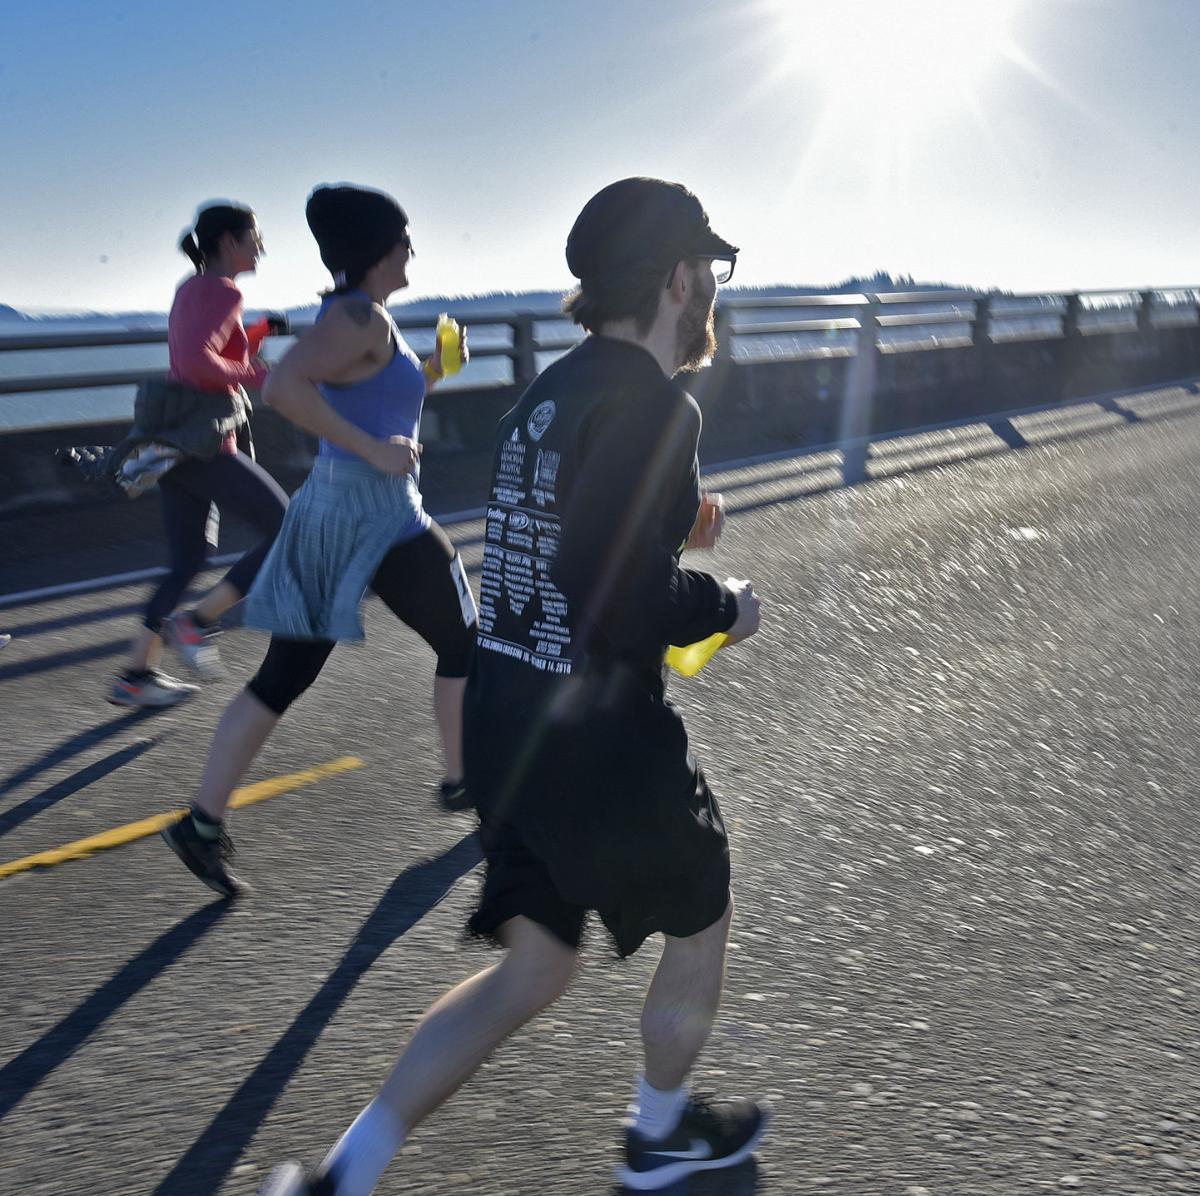 Scratch Pad: I am a runner